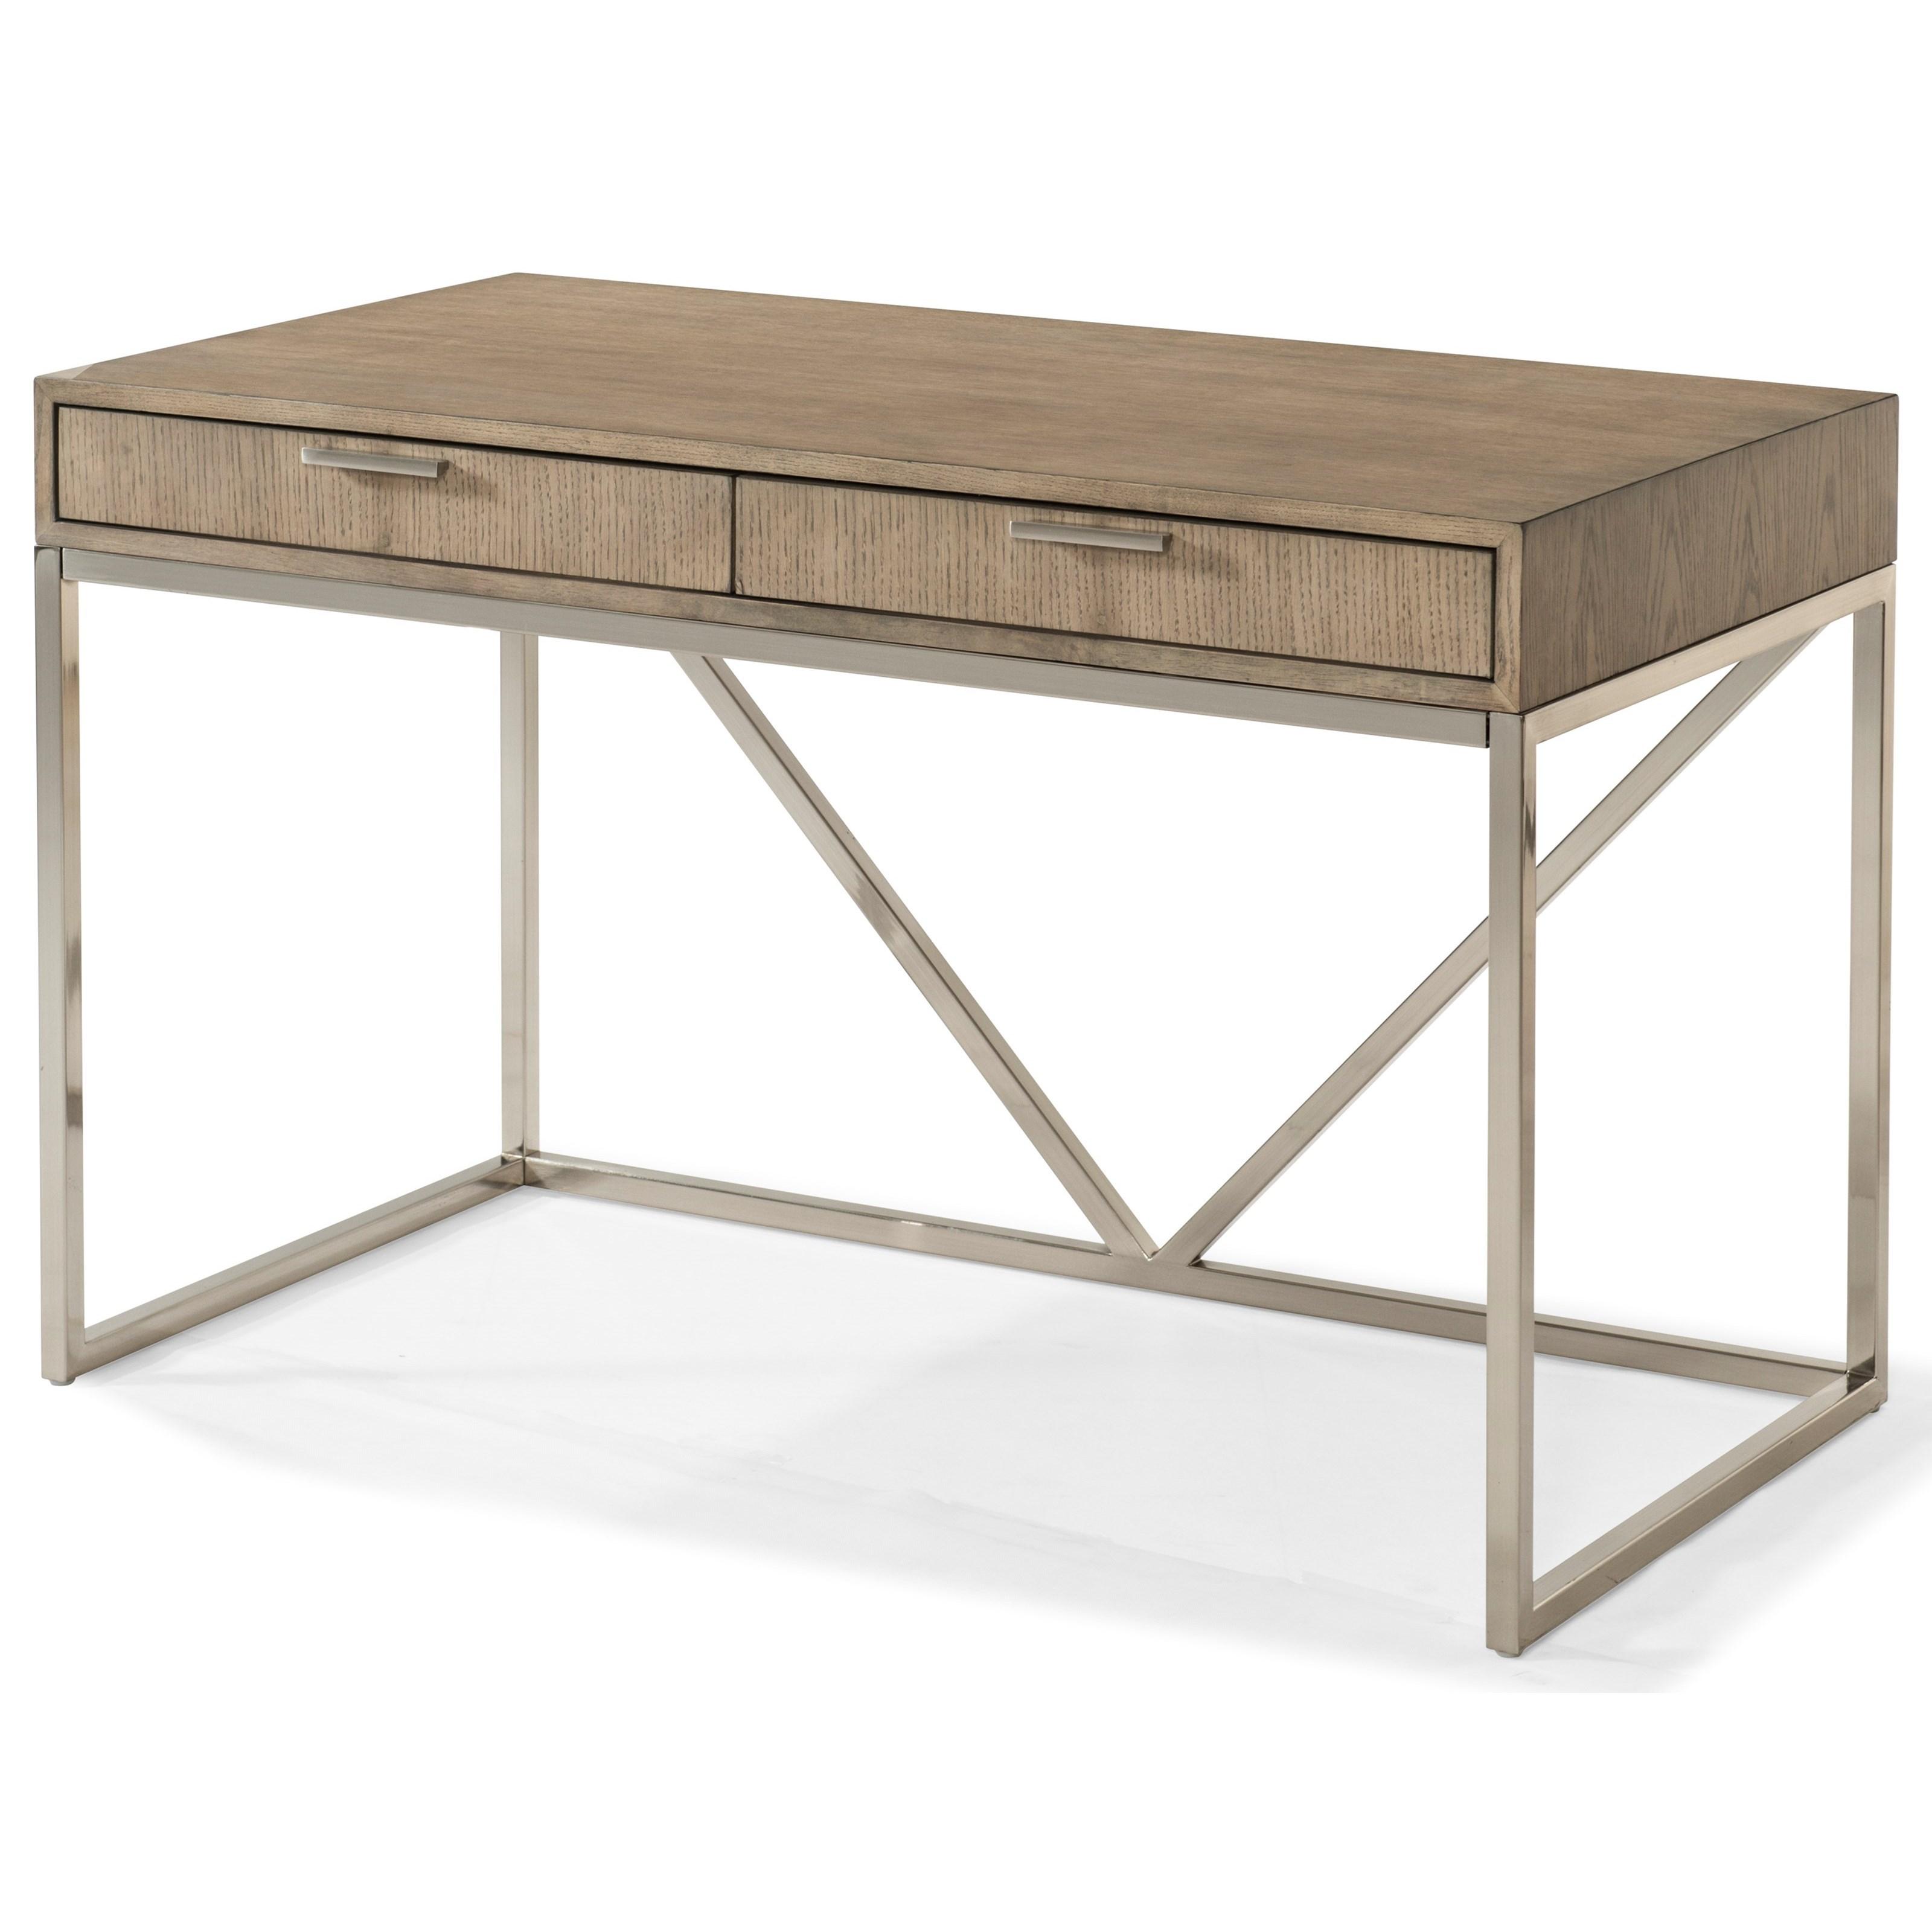 Klaussner International Melbourne Desk - Item Number: 680-850